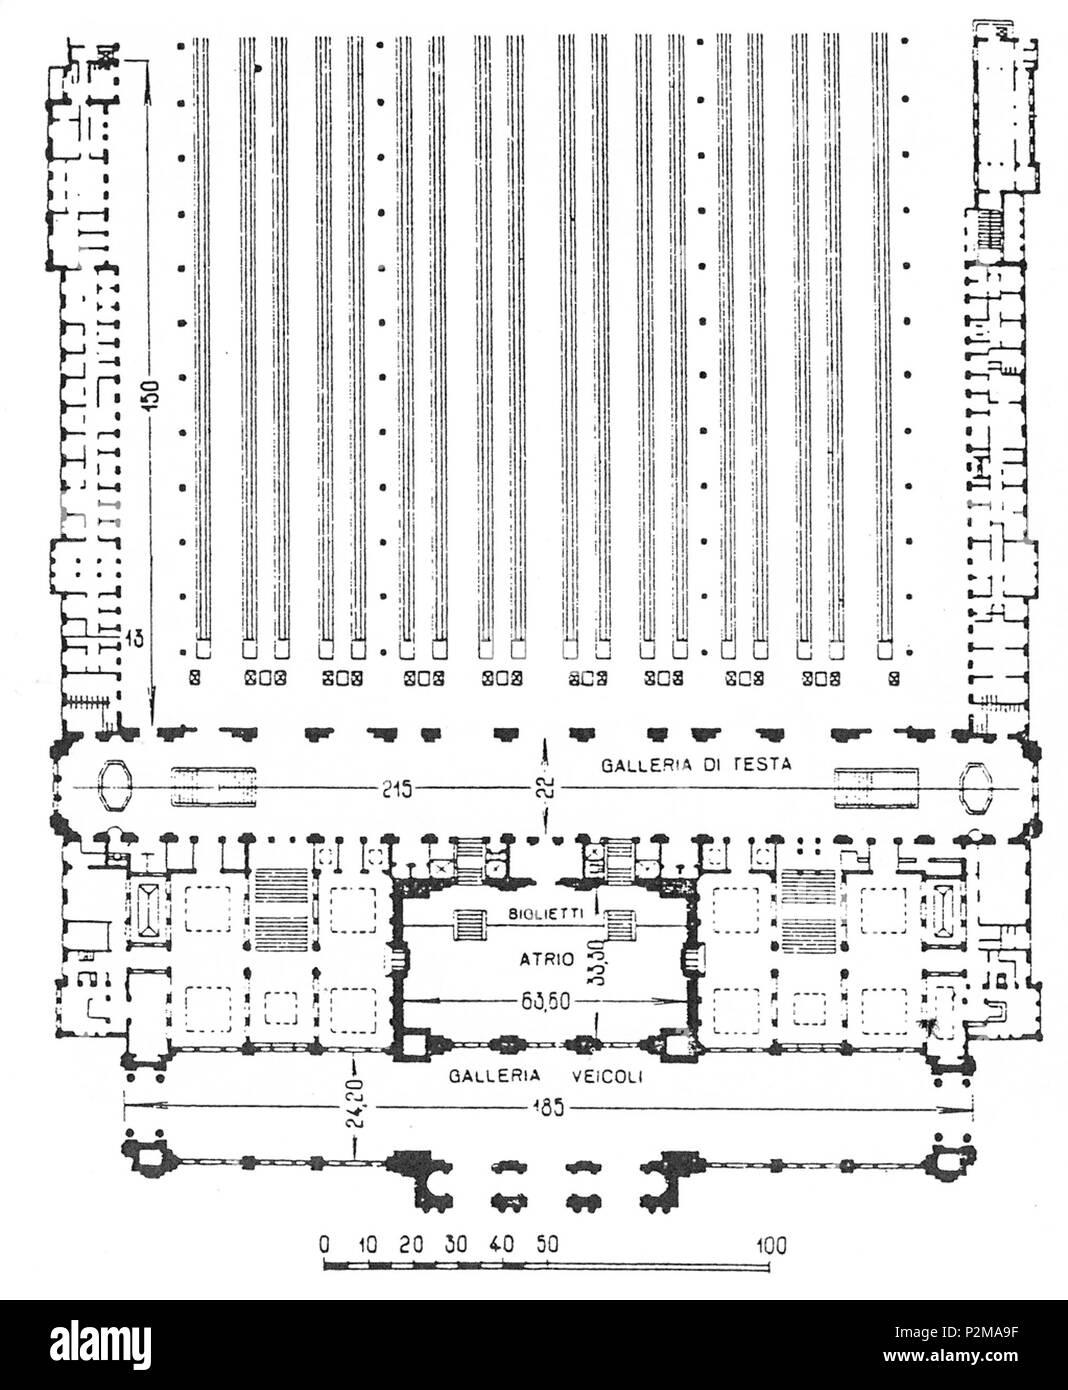 . Italiano: Stazione ferroviaria di Milano Centrale, pianta del fabbricato viaggiatori al piano dei binari . Unknown date. ca. 1931 70 Pianta FV Milano Centrale - Stock Image